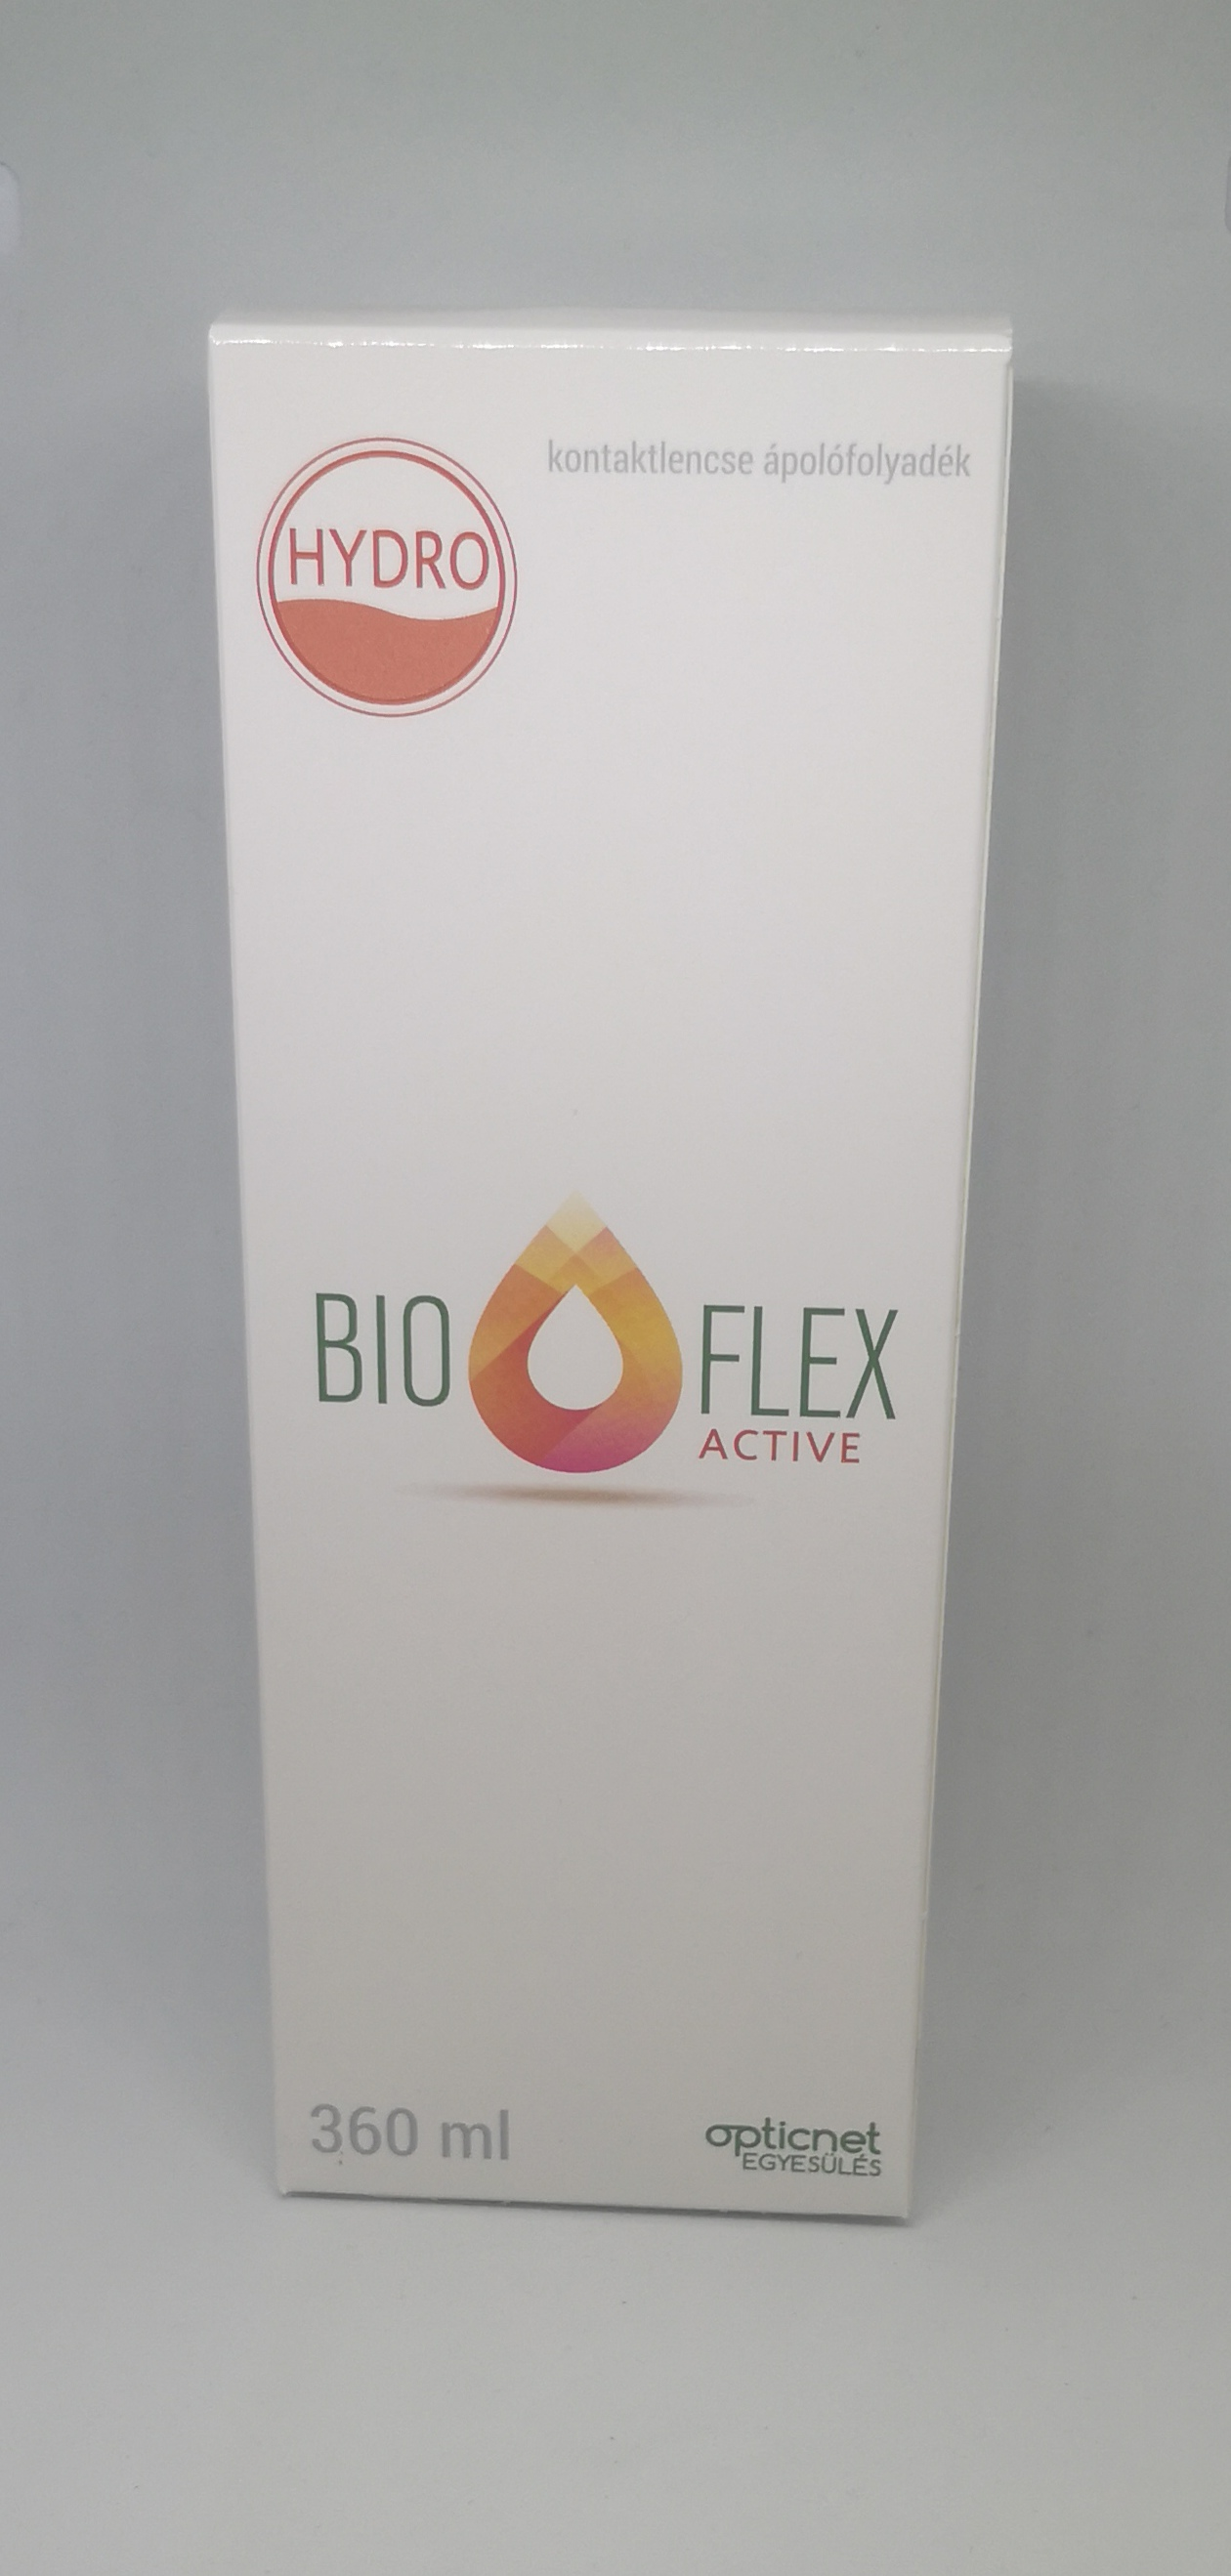 Bioflex Active